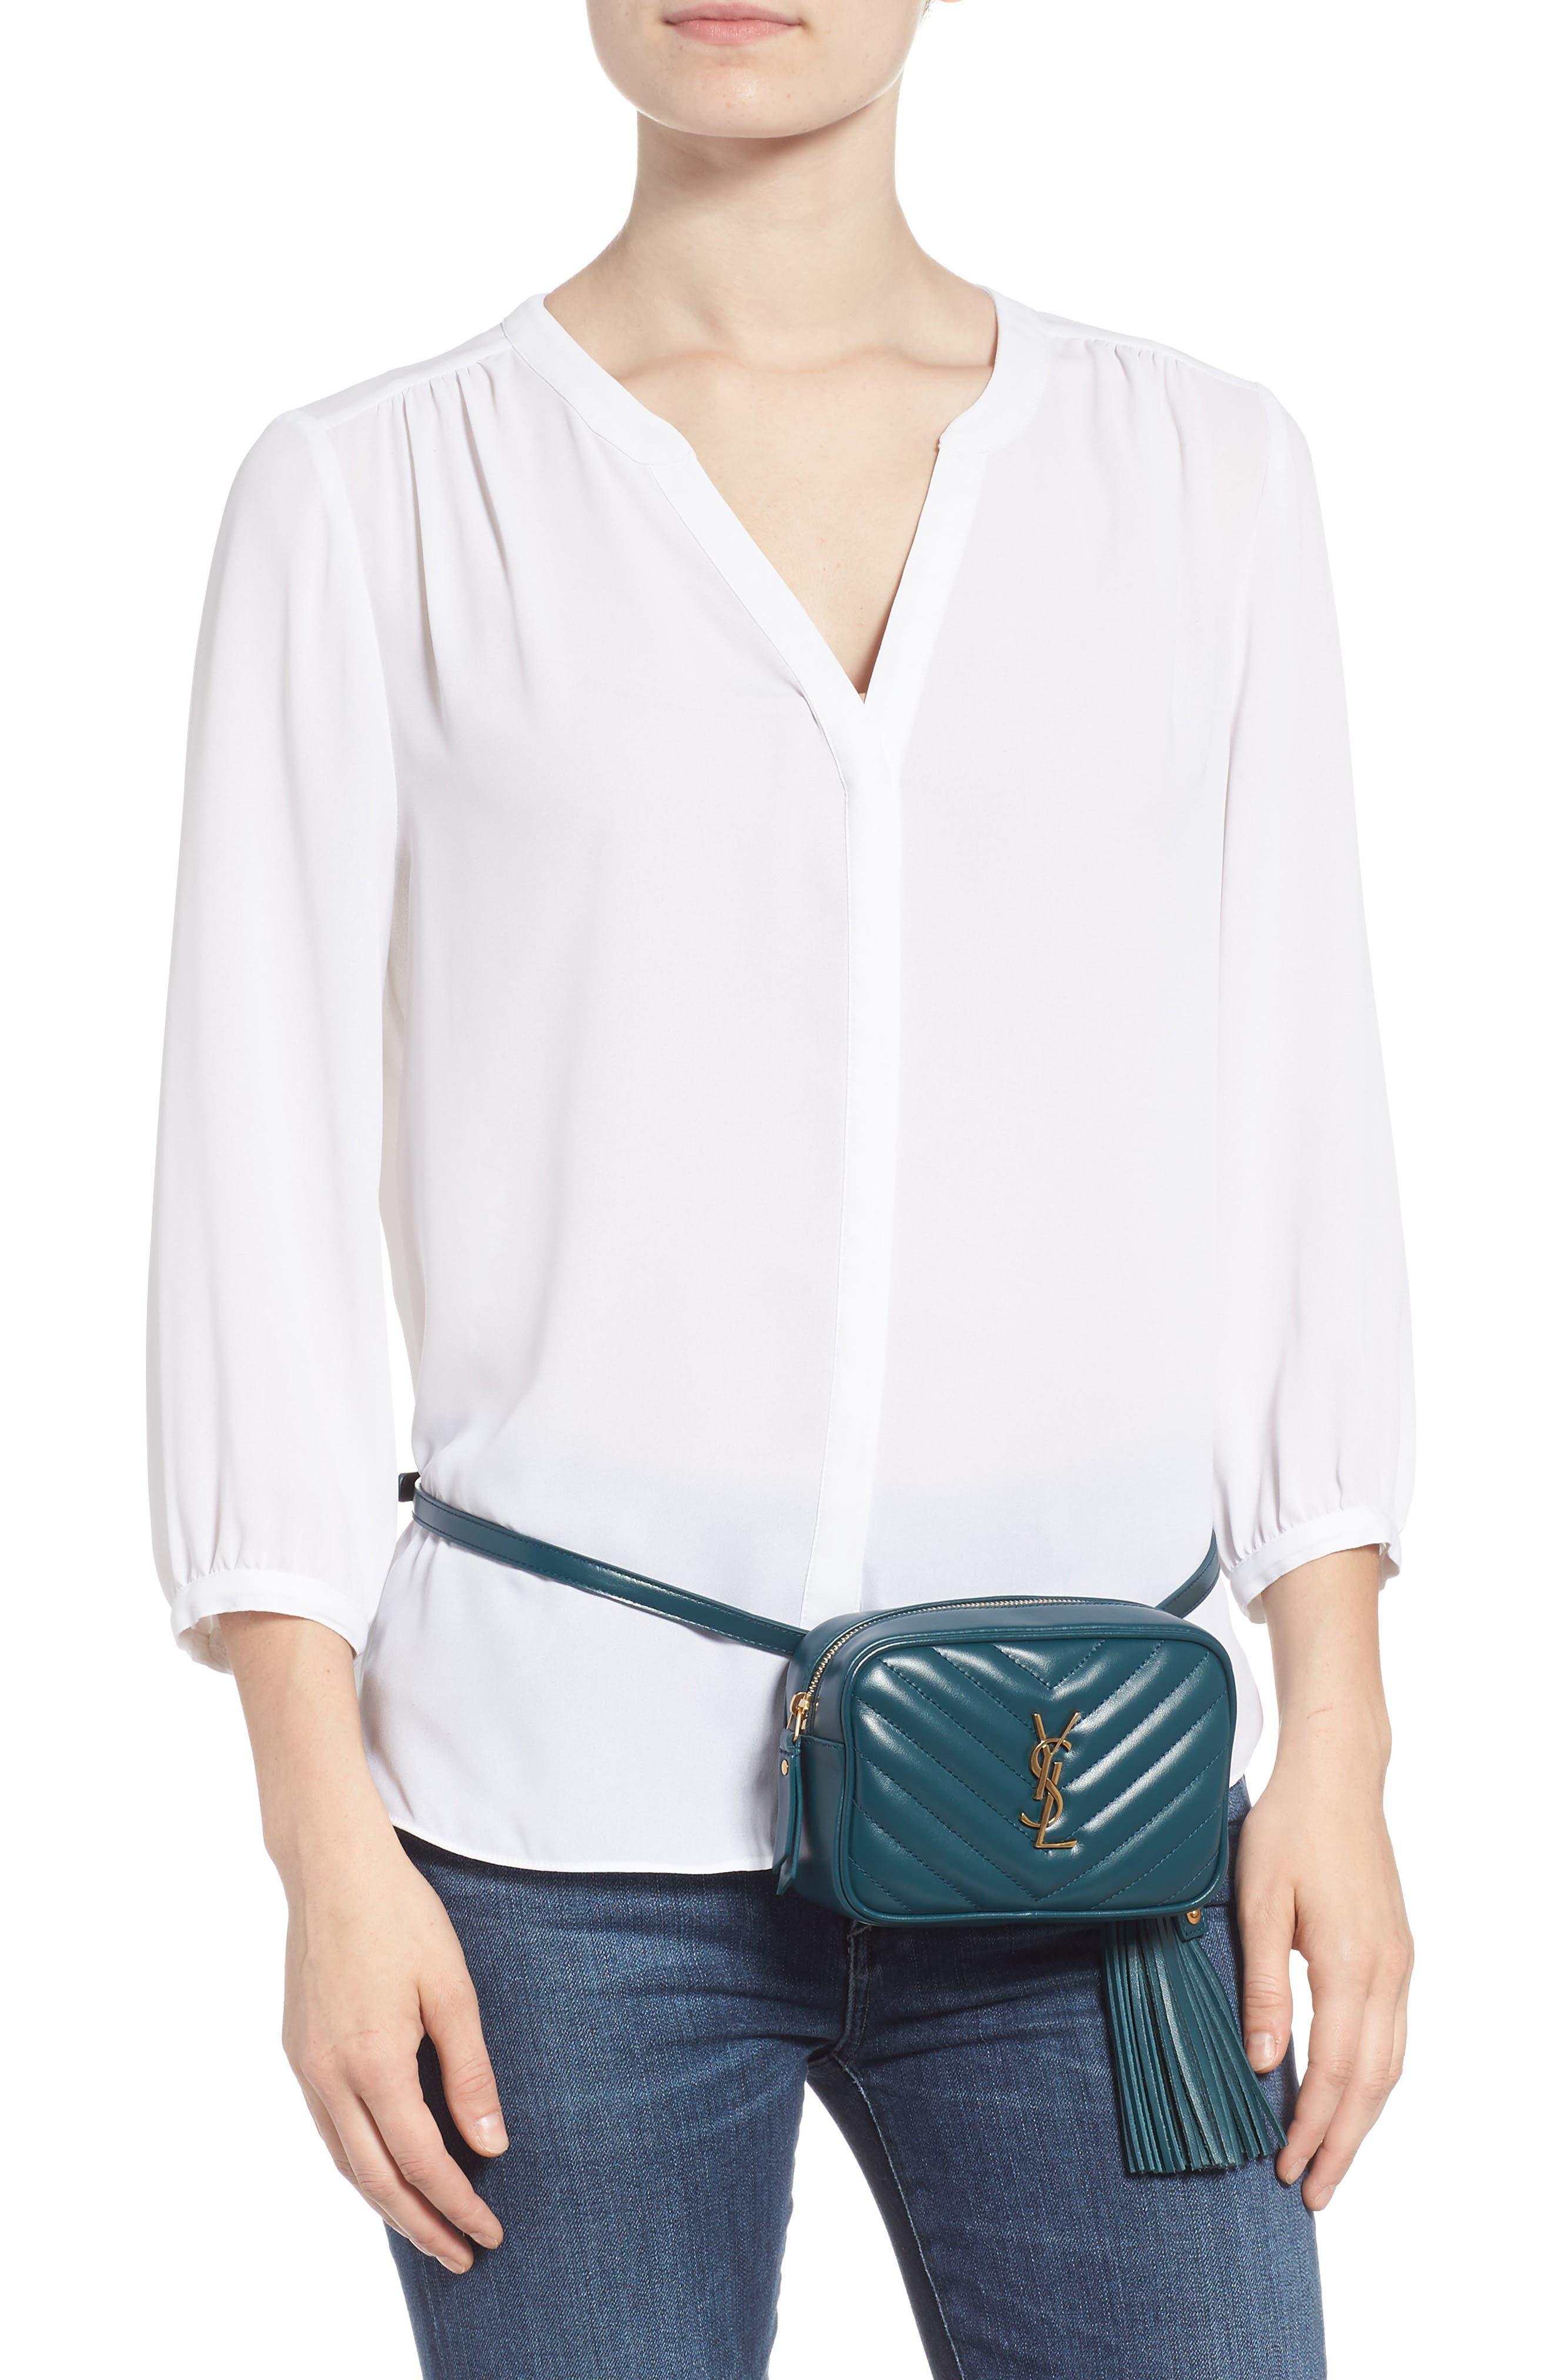 Loulou Matelassé Leather Belt Bag,                             Alternate thumbnail 2, color,                             300